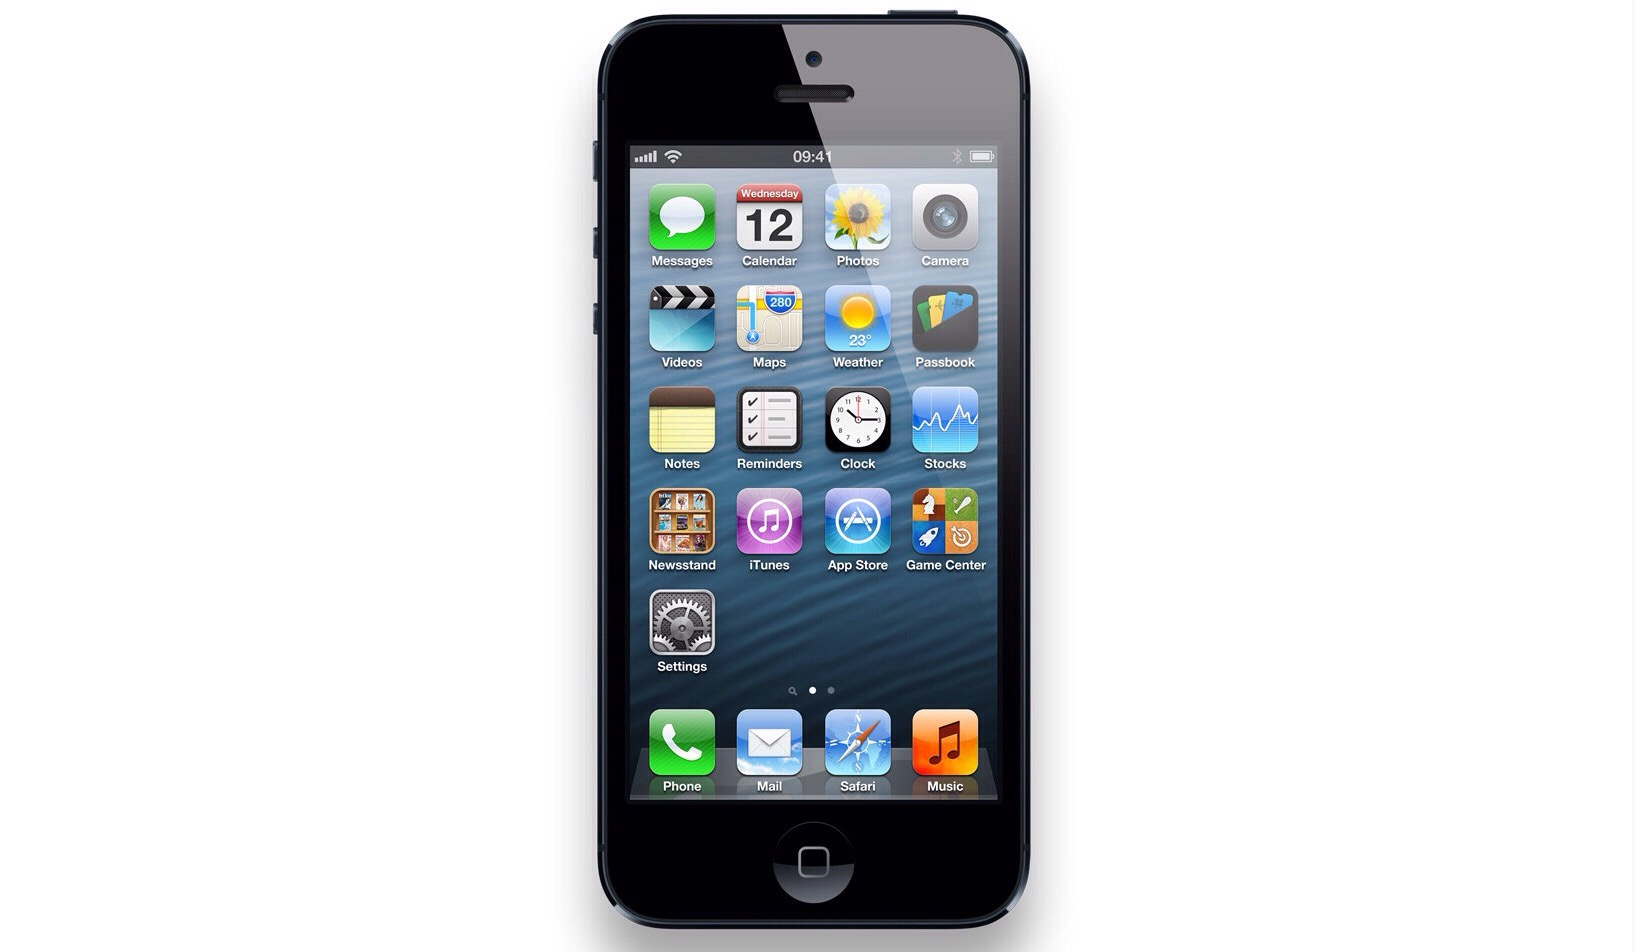 脱獄不要!無音でスクリーンショットを撮る方法/iPhone,アイフォン